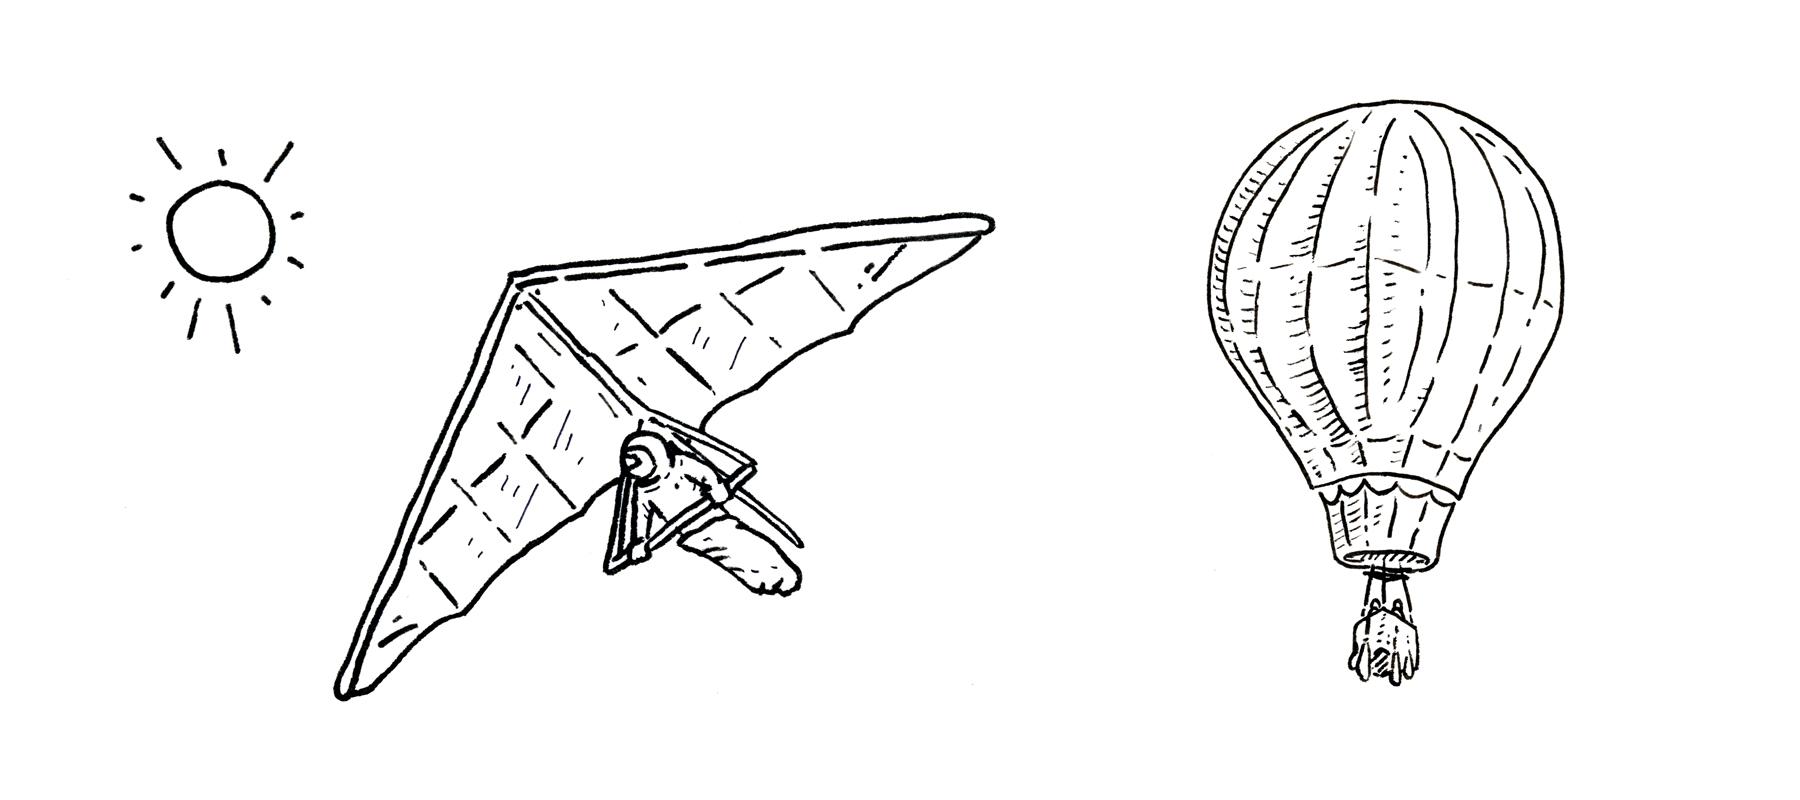 Taylor-Baldry-Spot-Illustrations-UUA-2.jpg